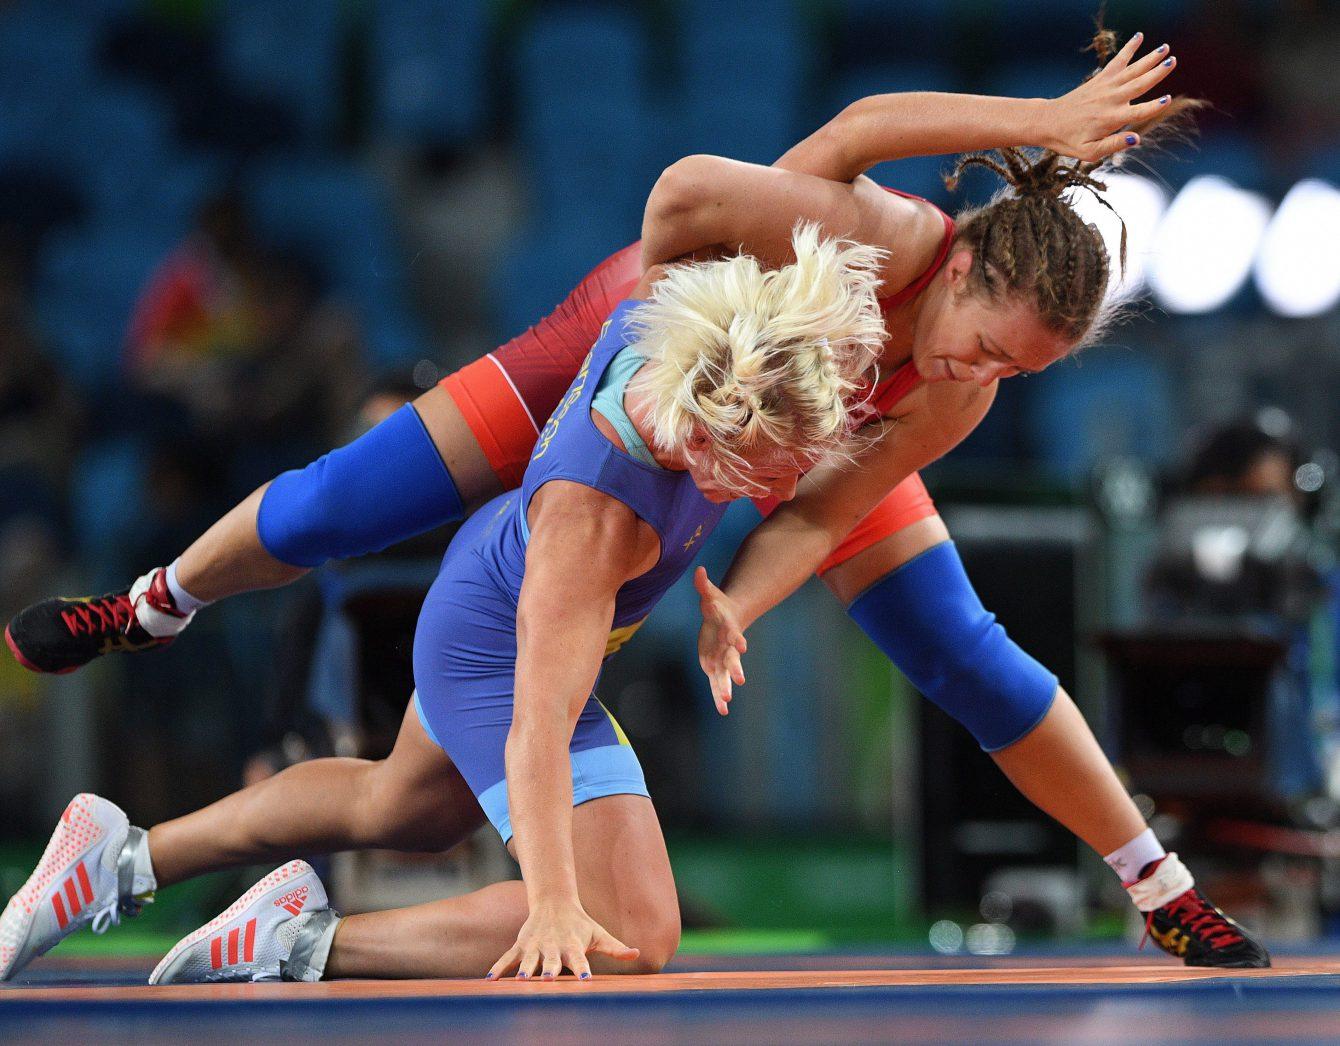 Dori Yeats lors de son combat pour la médaille de bronze contre la Suédoise Anna Jenny Fransson dans la catégorie des 69kg aux Jeux olympiques de 2016, à Rio. THE CANADIAN PRESS/Sean Kilpatrick